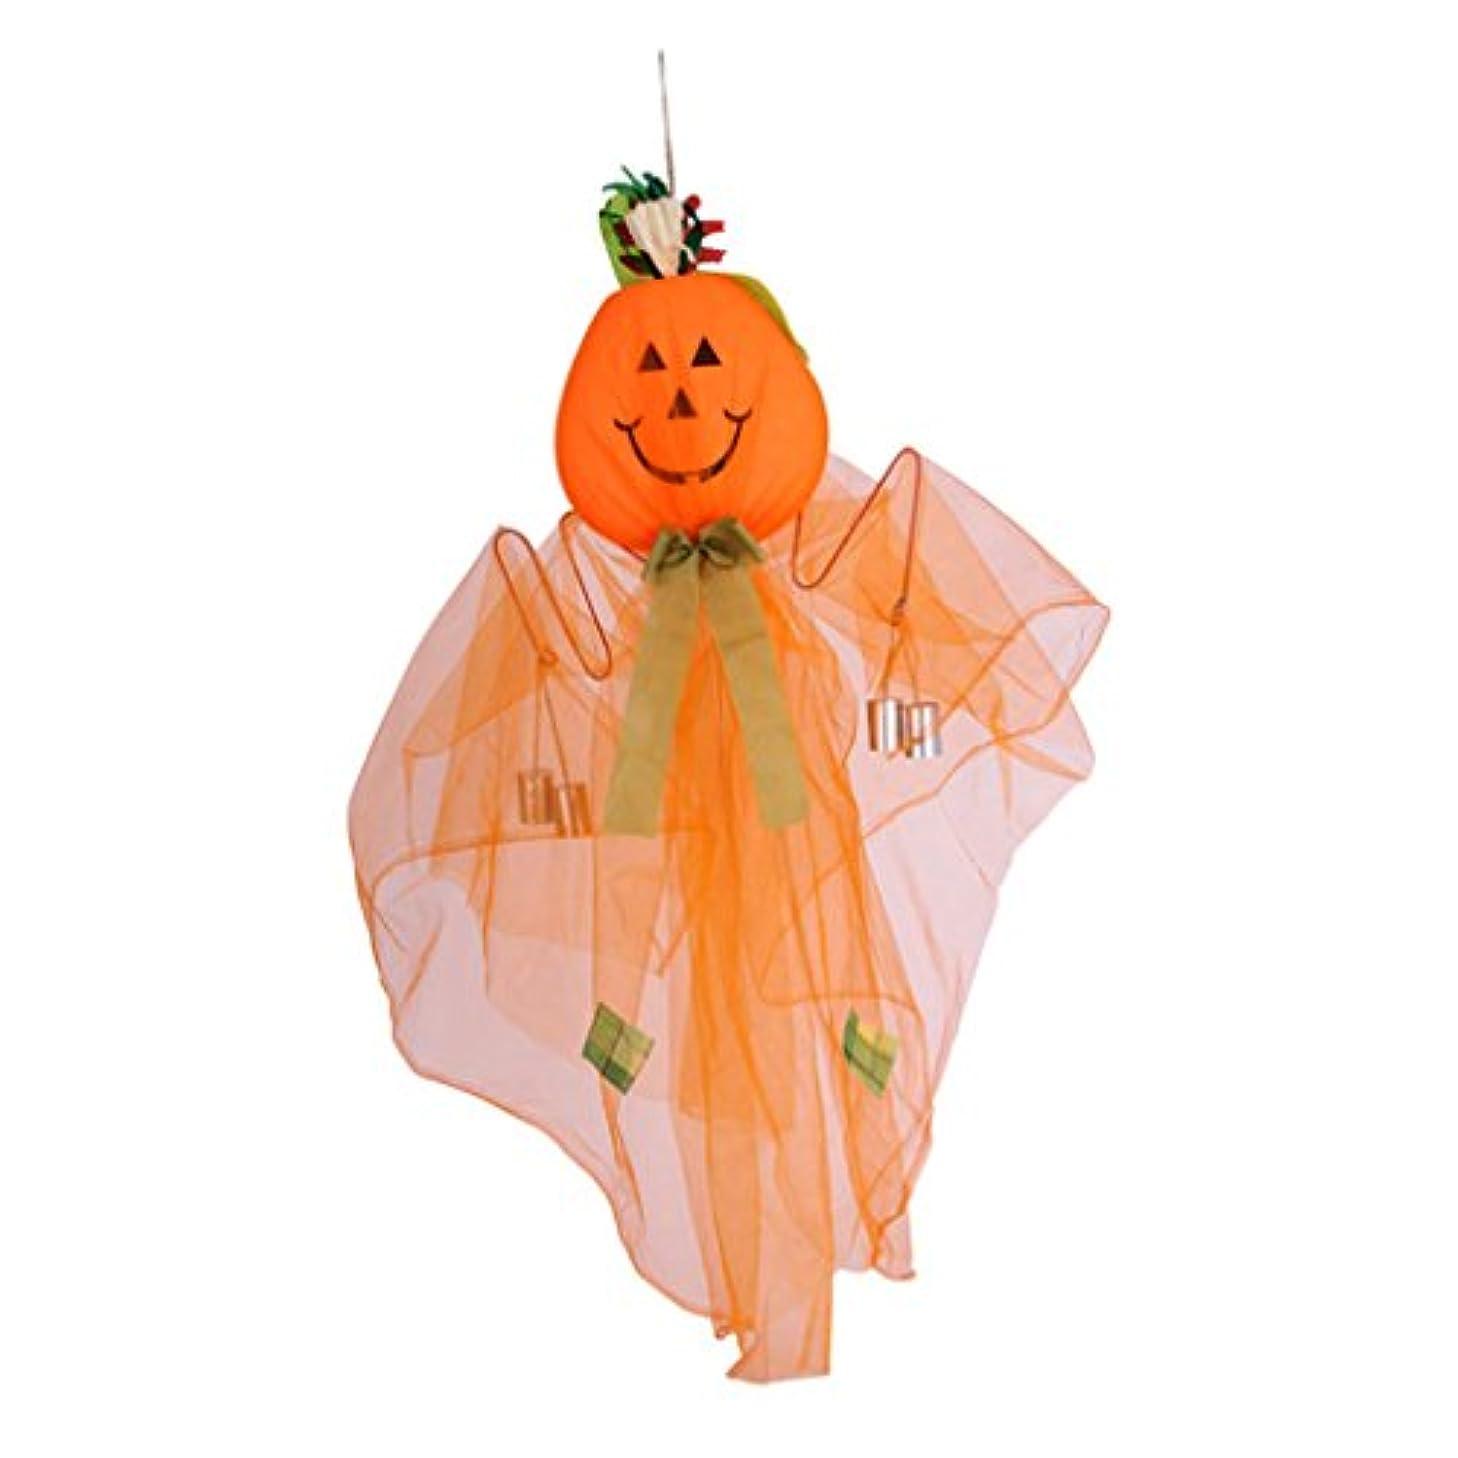 風偽善者ヒロインハロウィーンの装飾カボチャの風鈴の装飾の小道具装飾的なハロウィーン用品 (Color : WHITE)